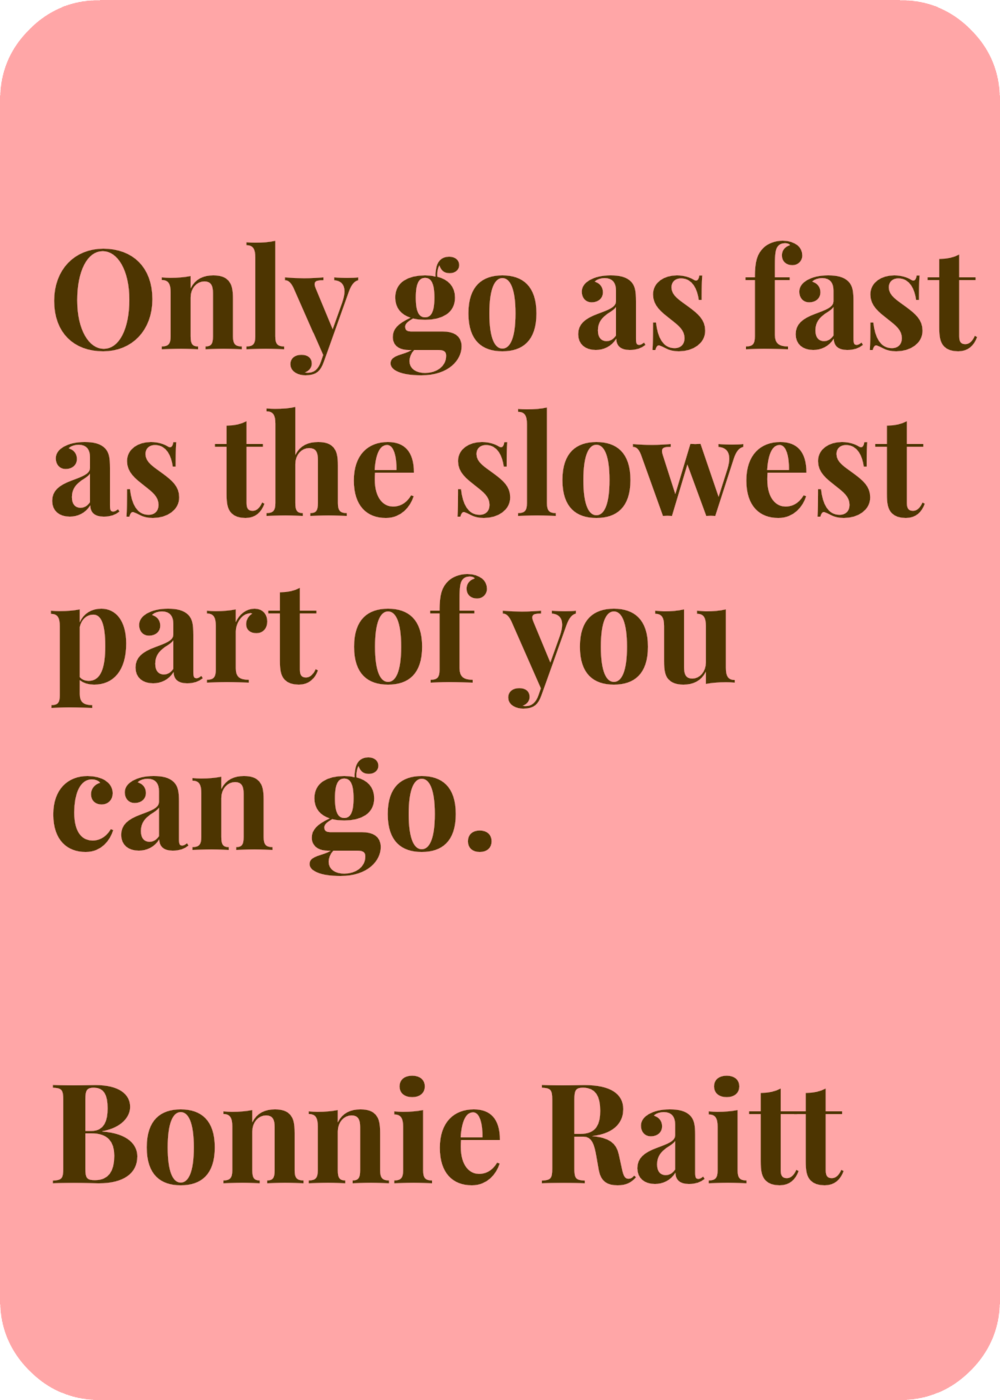 bonnie-raitt.png